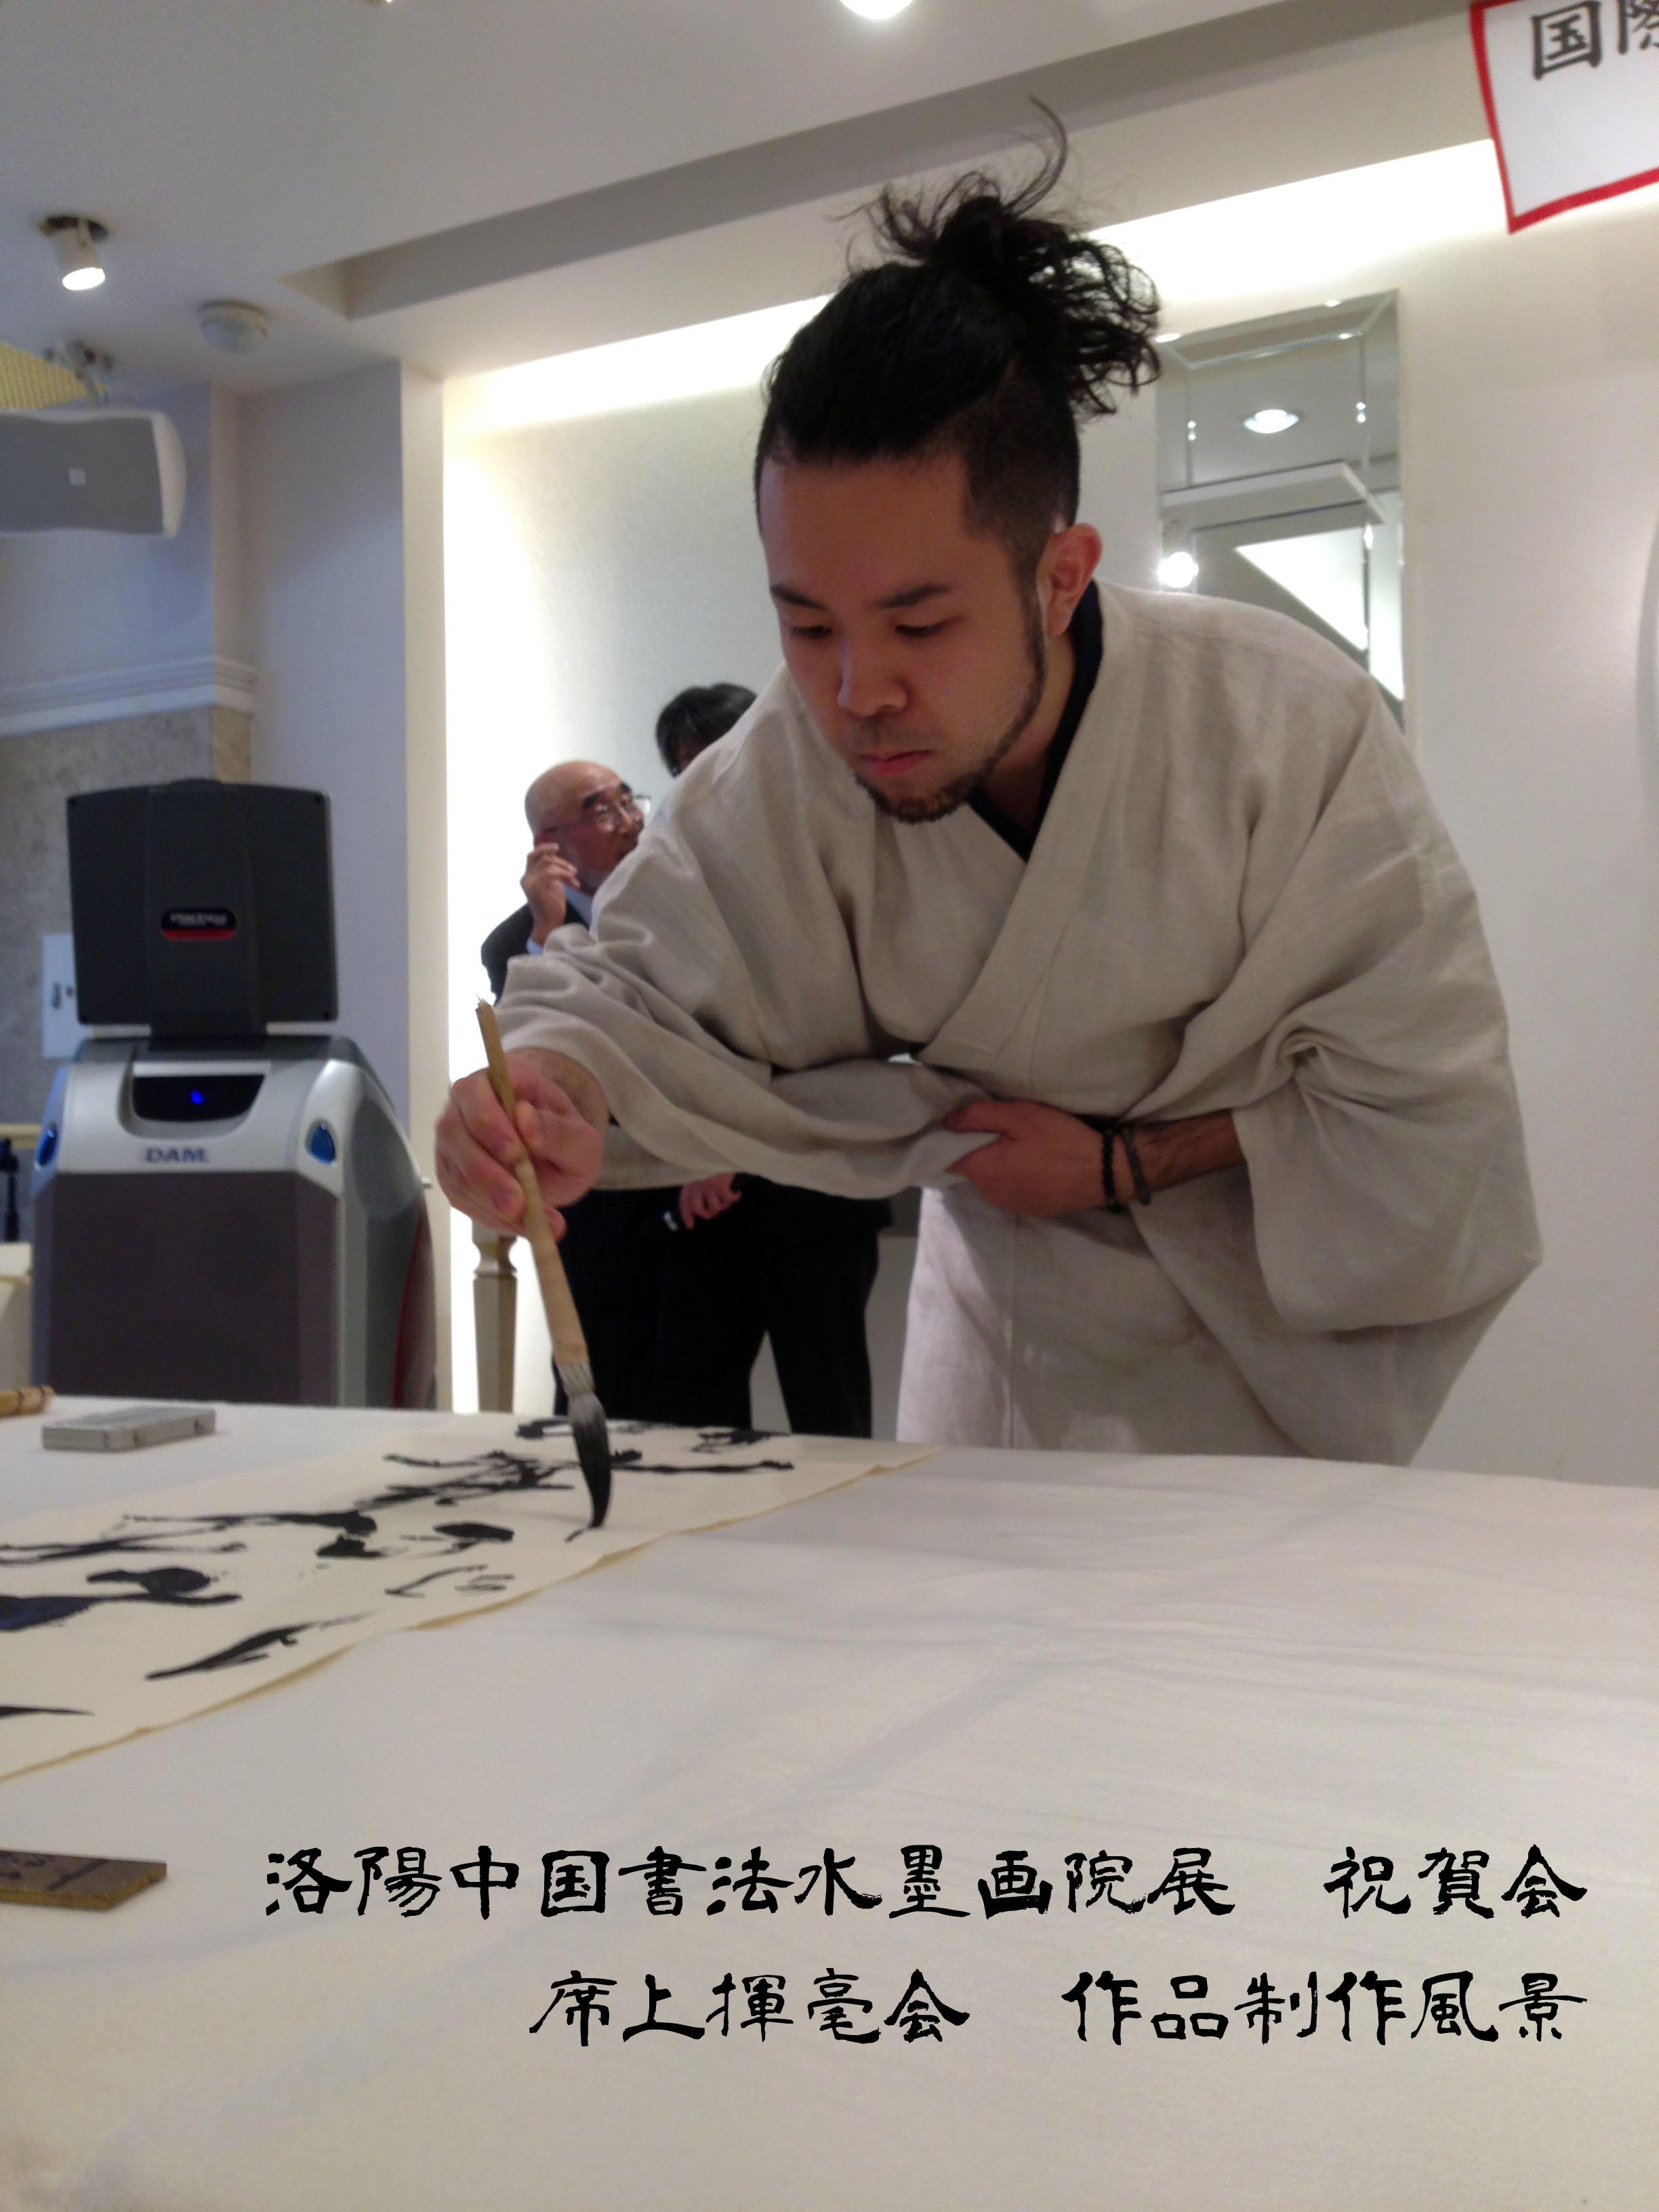 洛陽中国書法水墨画院展 2014 祝賀会 揮毫会 作品制作